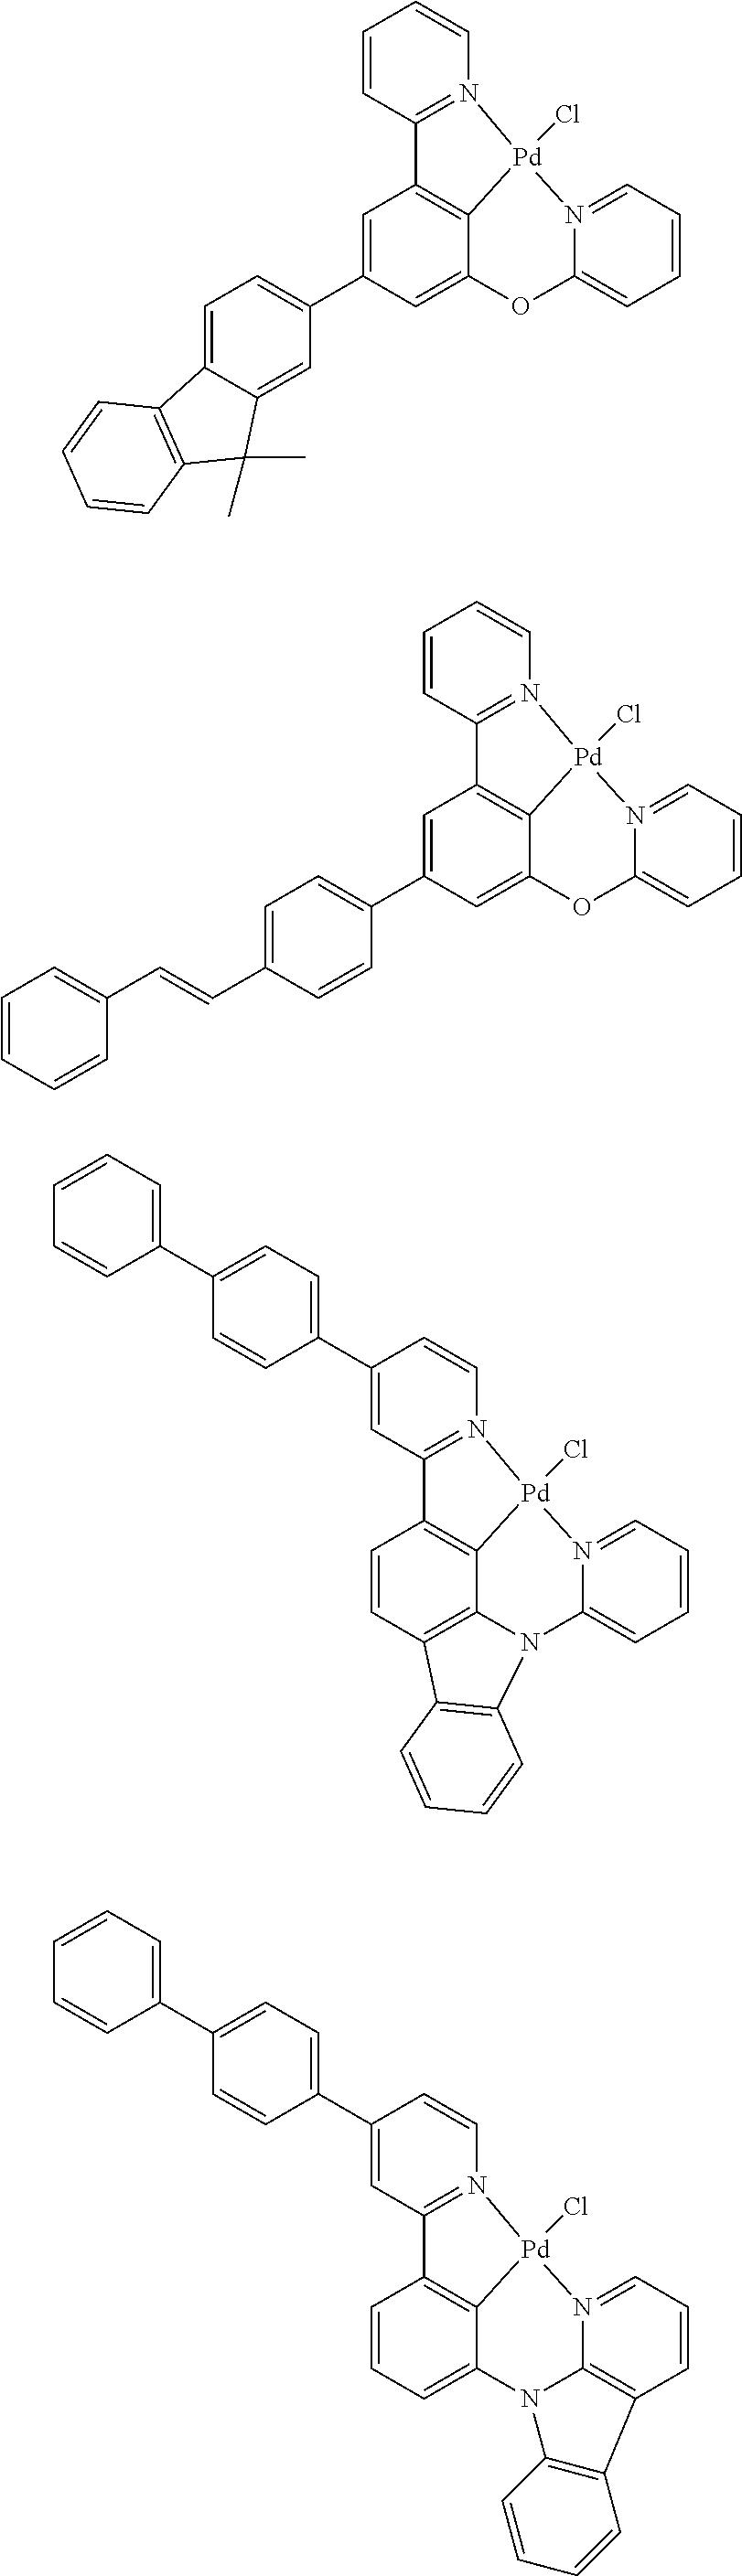 Figure US09818959-20171114-C00203